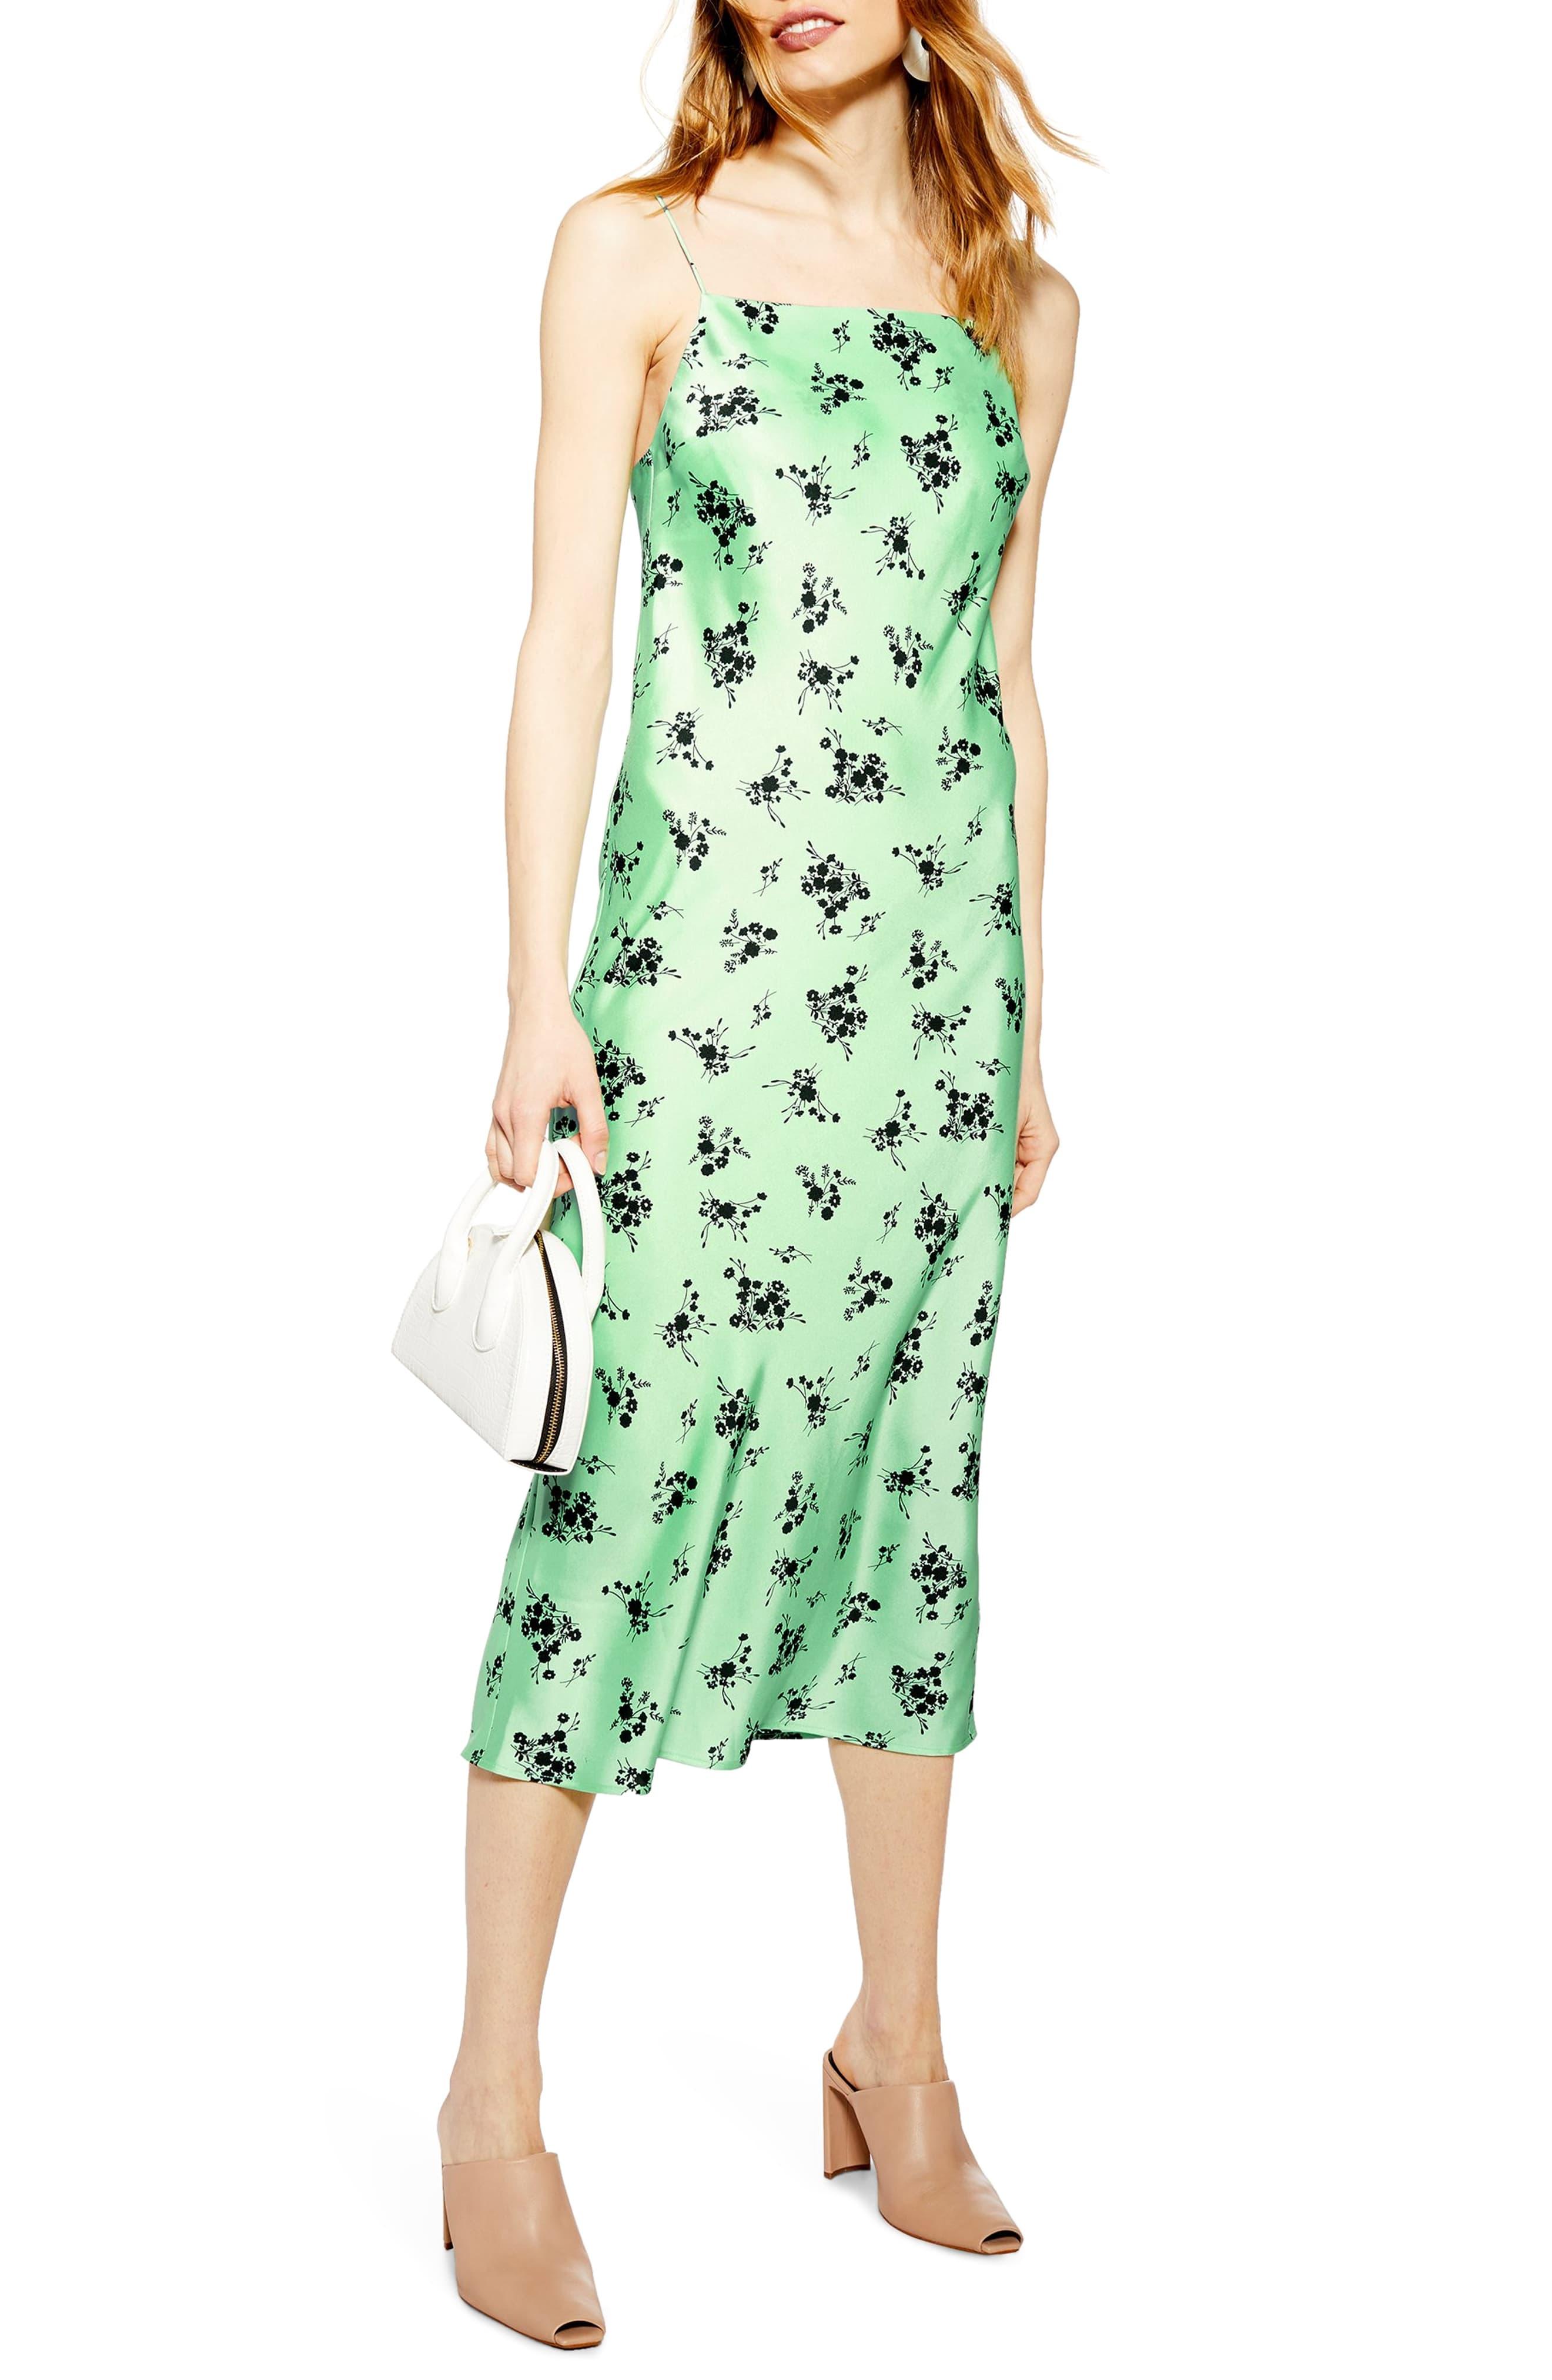 Topshop Apple Flower Satin Slip Dress | Apple dress, Dresses